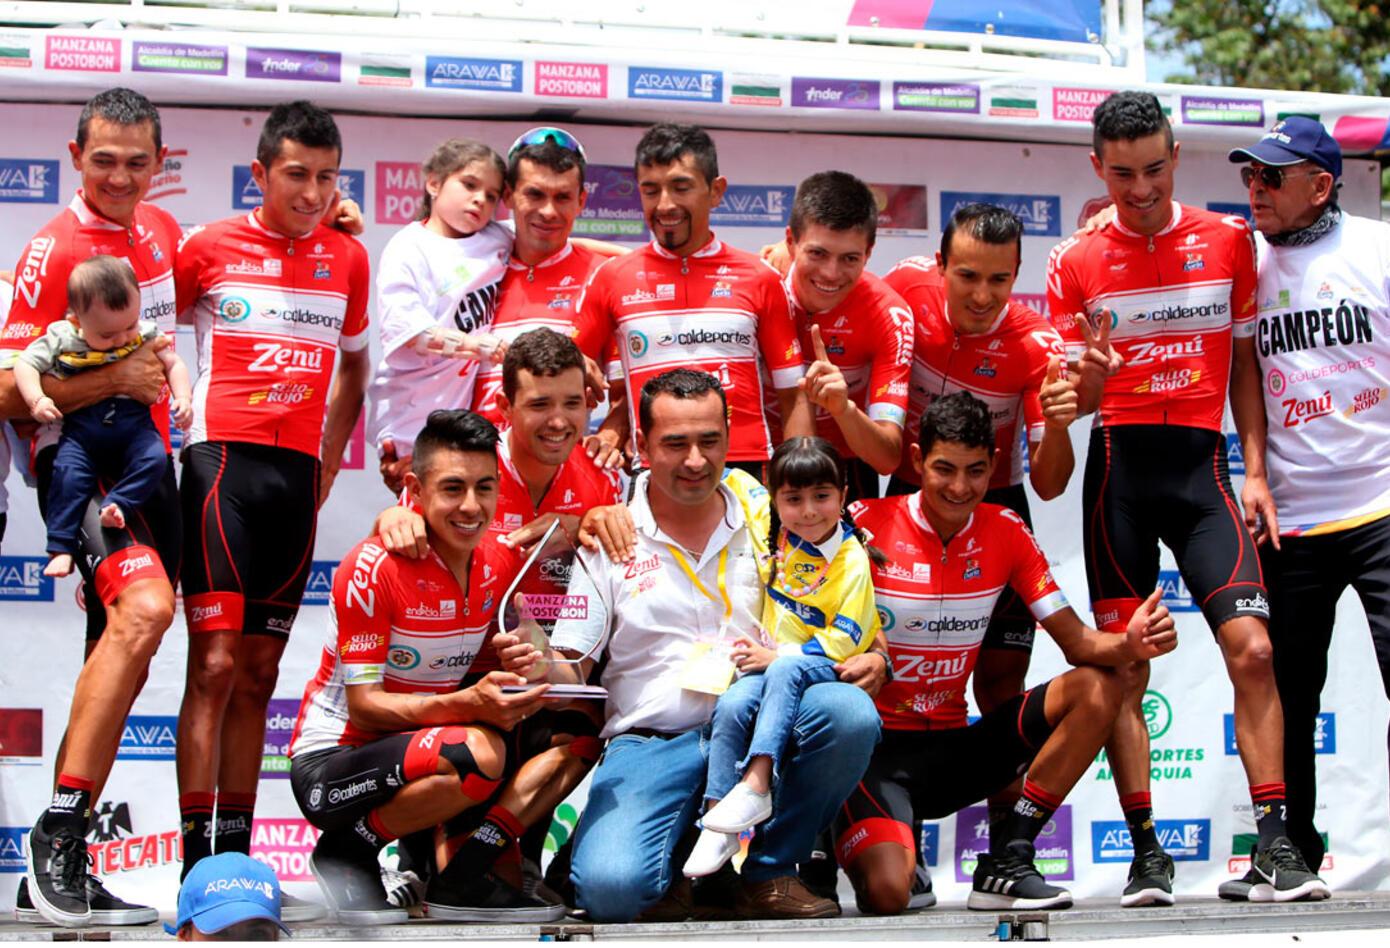 Coldeportes Zenú fue el gran ganador en el 'Top 10' de la general en el Clásico RCN